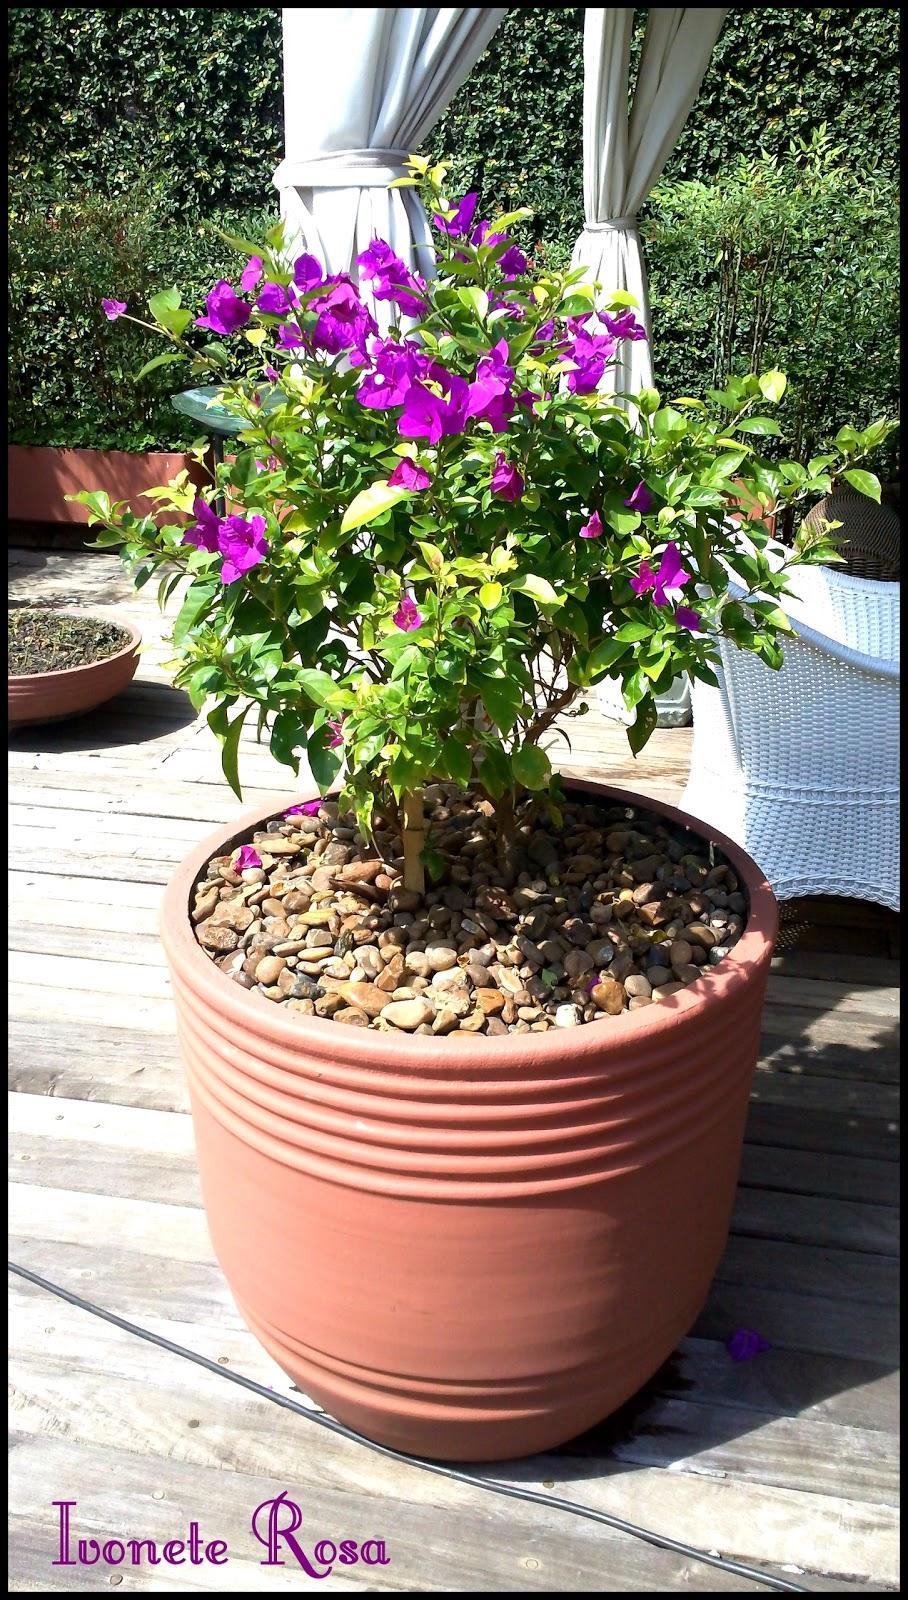 Ivonete rosa das plantas bougainville for Vaso piscina